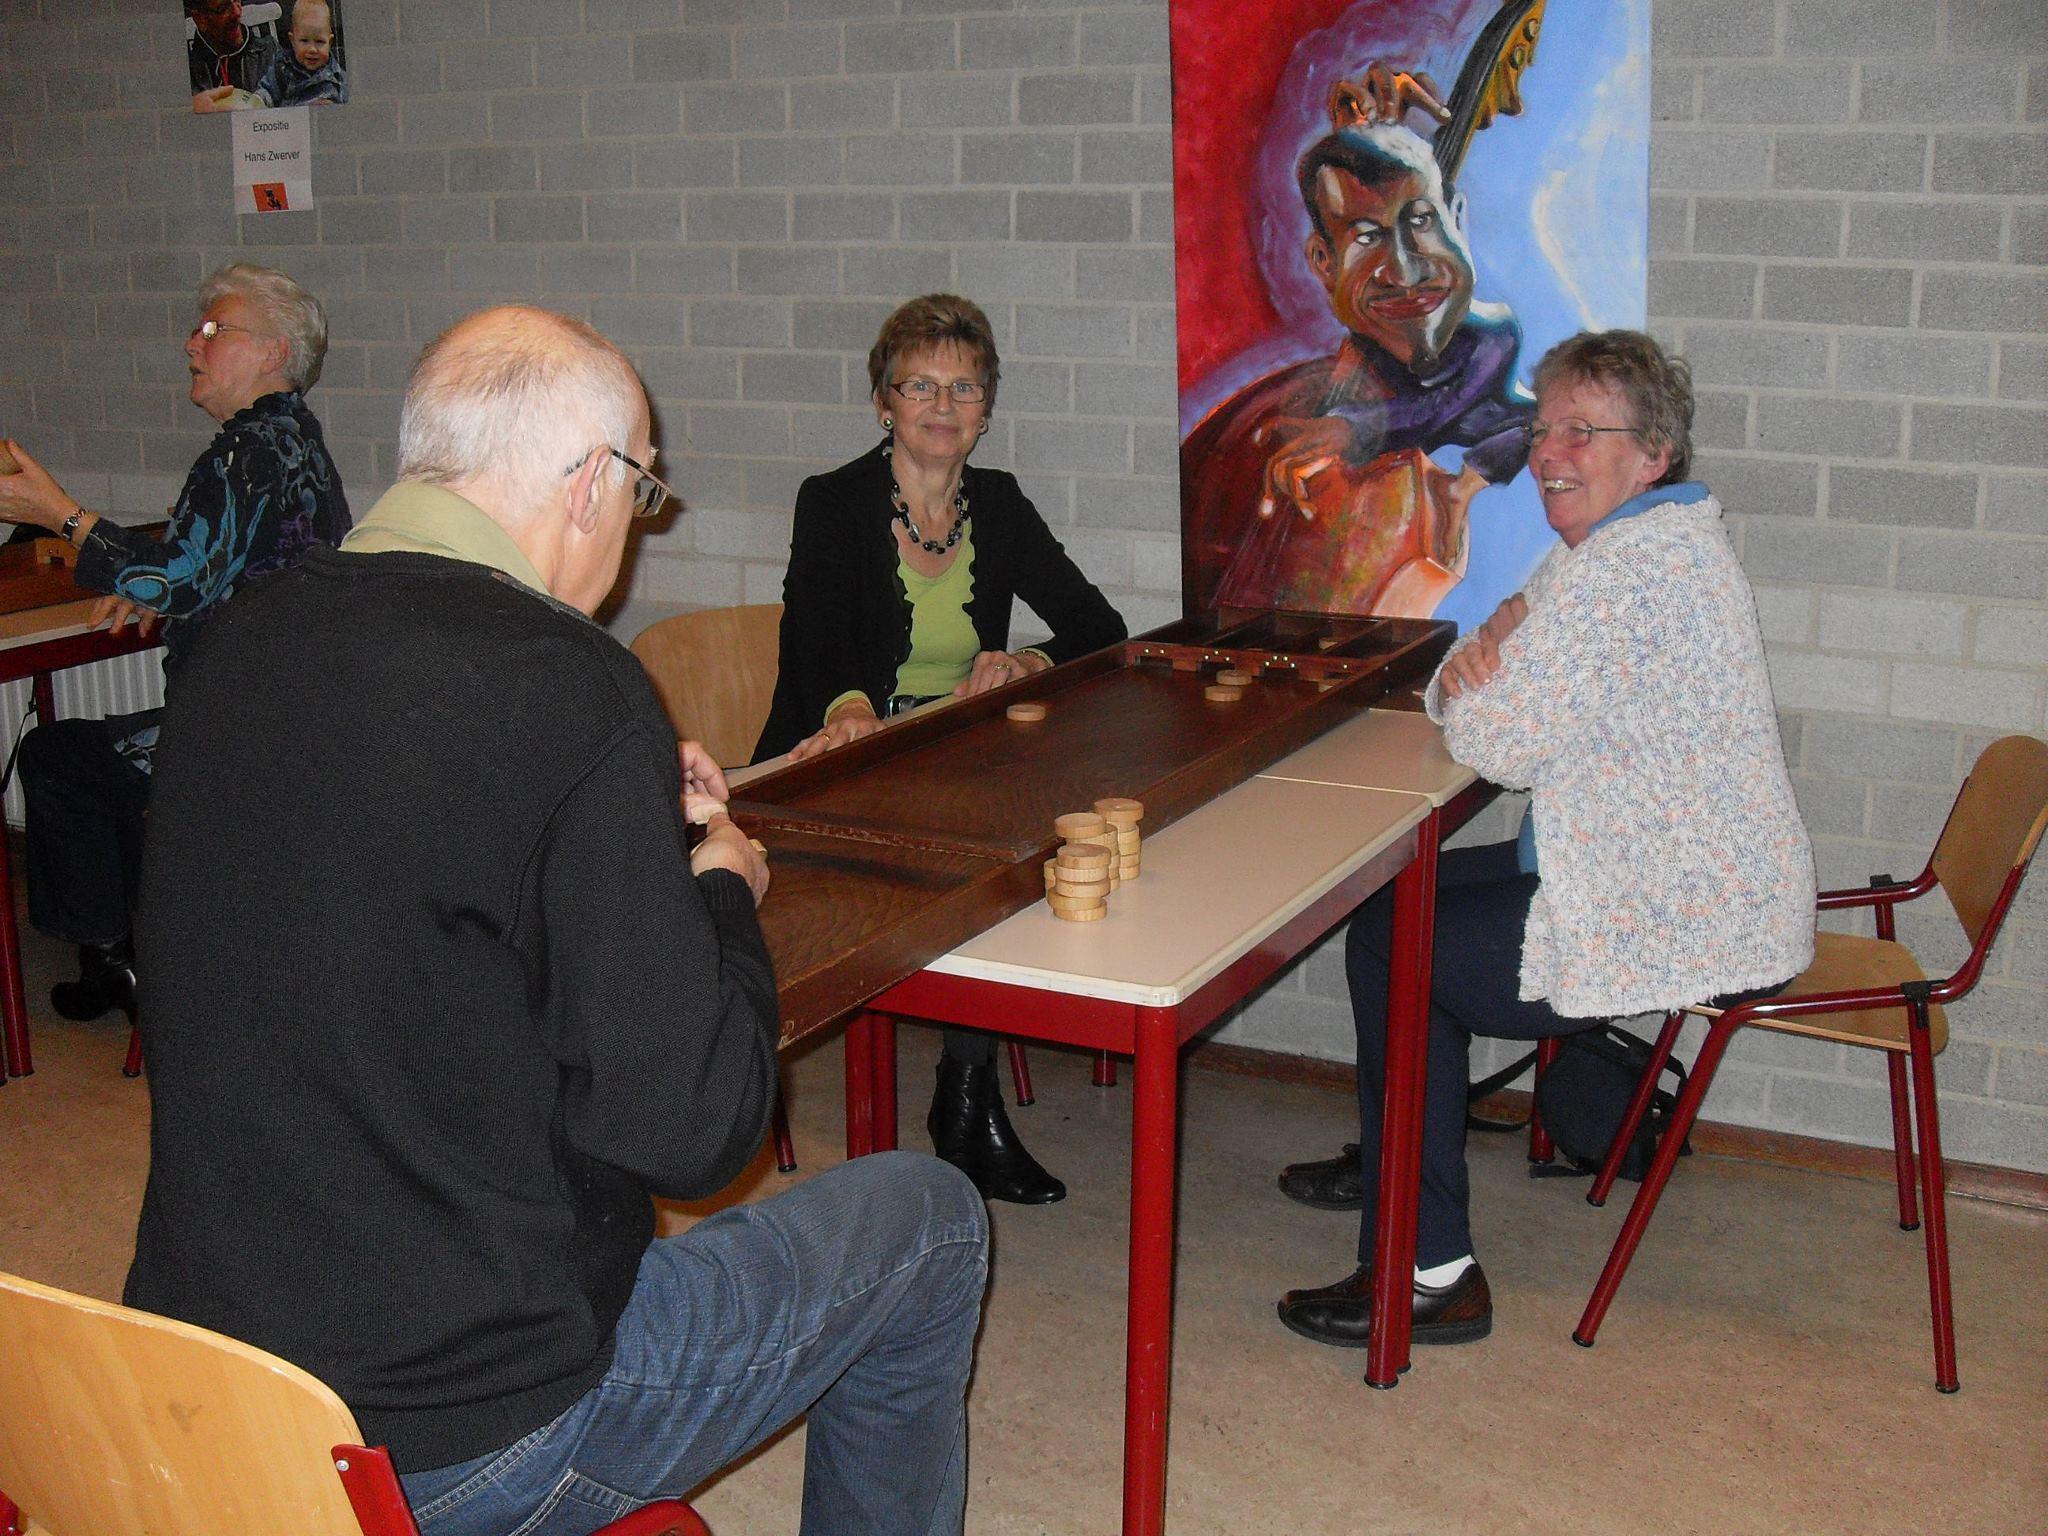 Seniorensjoelclub in Hoorn gooit na twaalf jaar de handdoek in de ring door coronamaatregelen: 'Het is een triest einde'